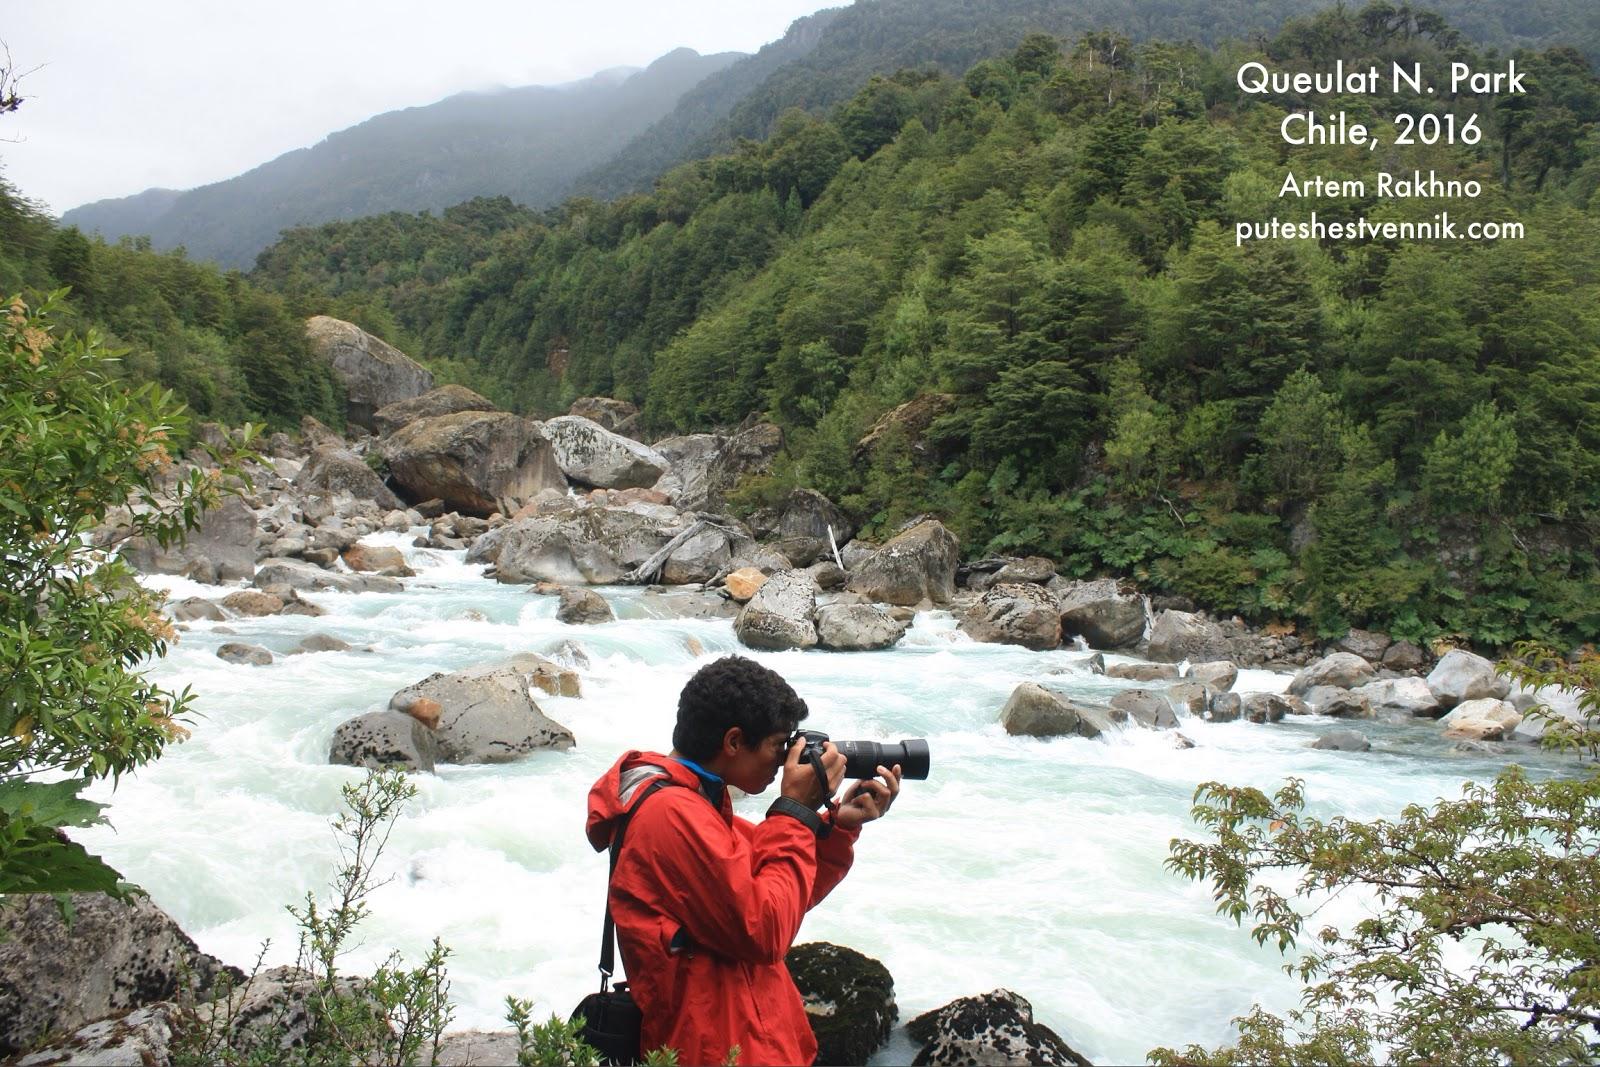 Фотограф снимает горную реку в Чили